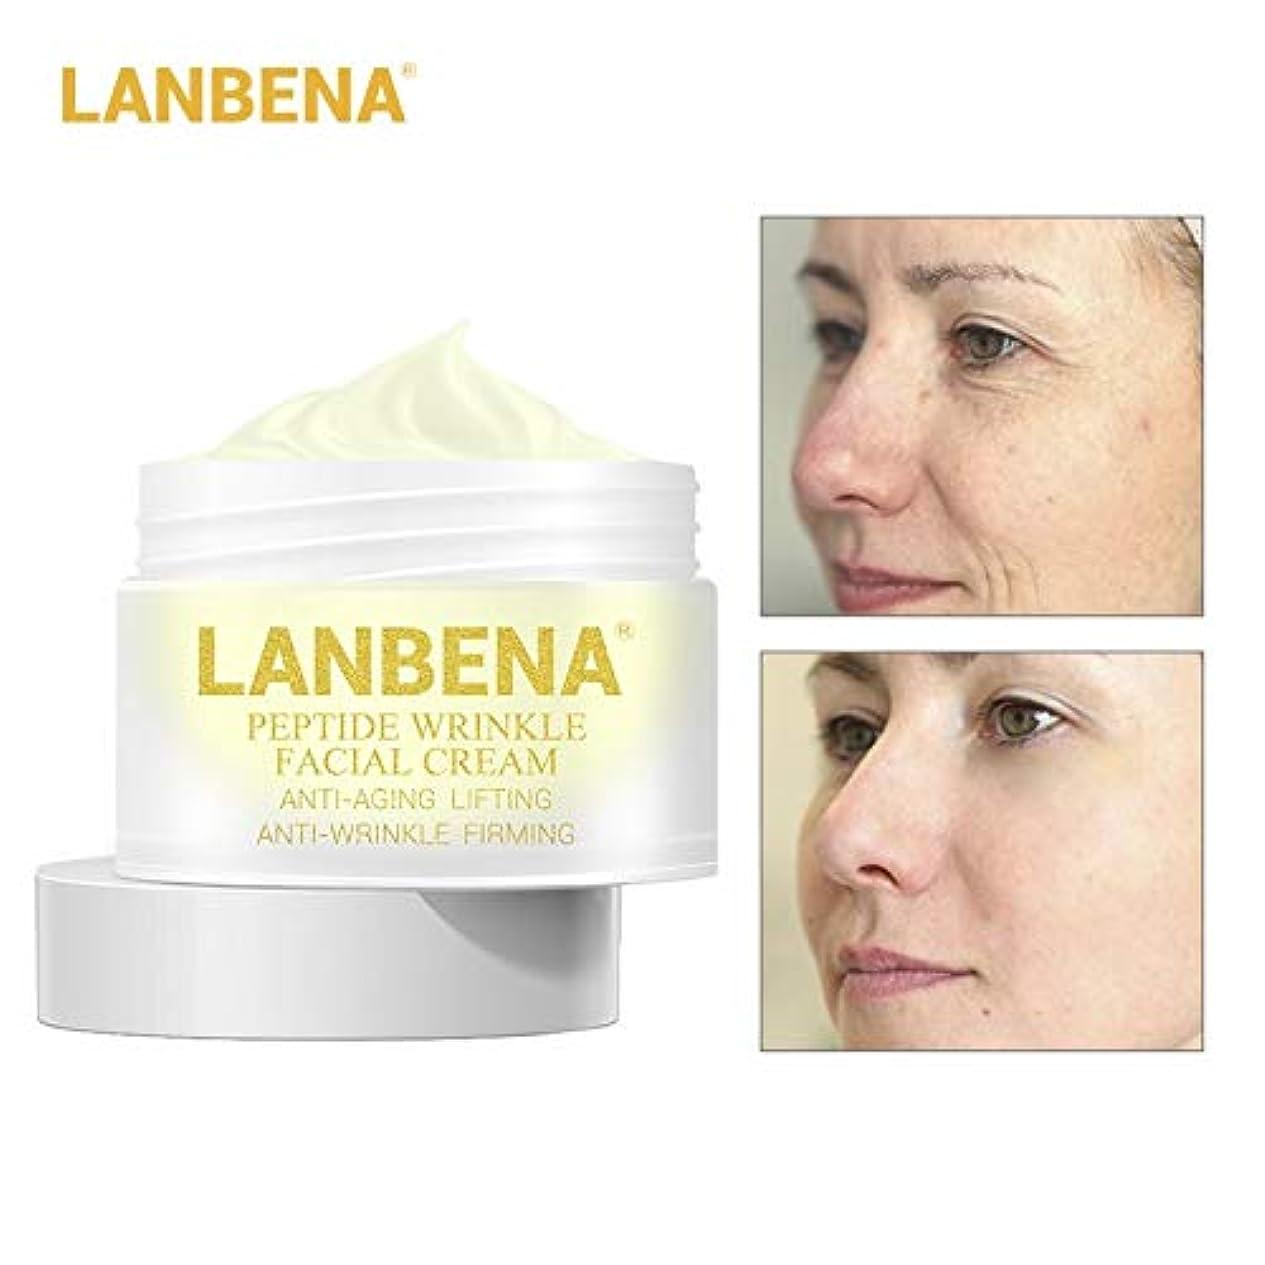 カールウール適合フェイスクリームケア鼻唇溝ディープ水分補給フェイシャルクリームを-firming LANBENAブランドペプチドアンチしわ